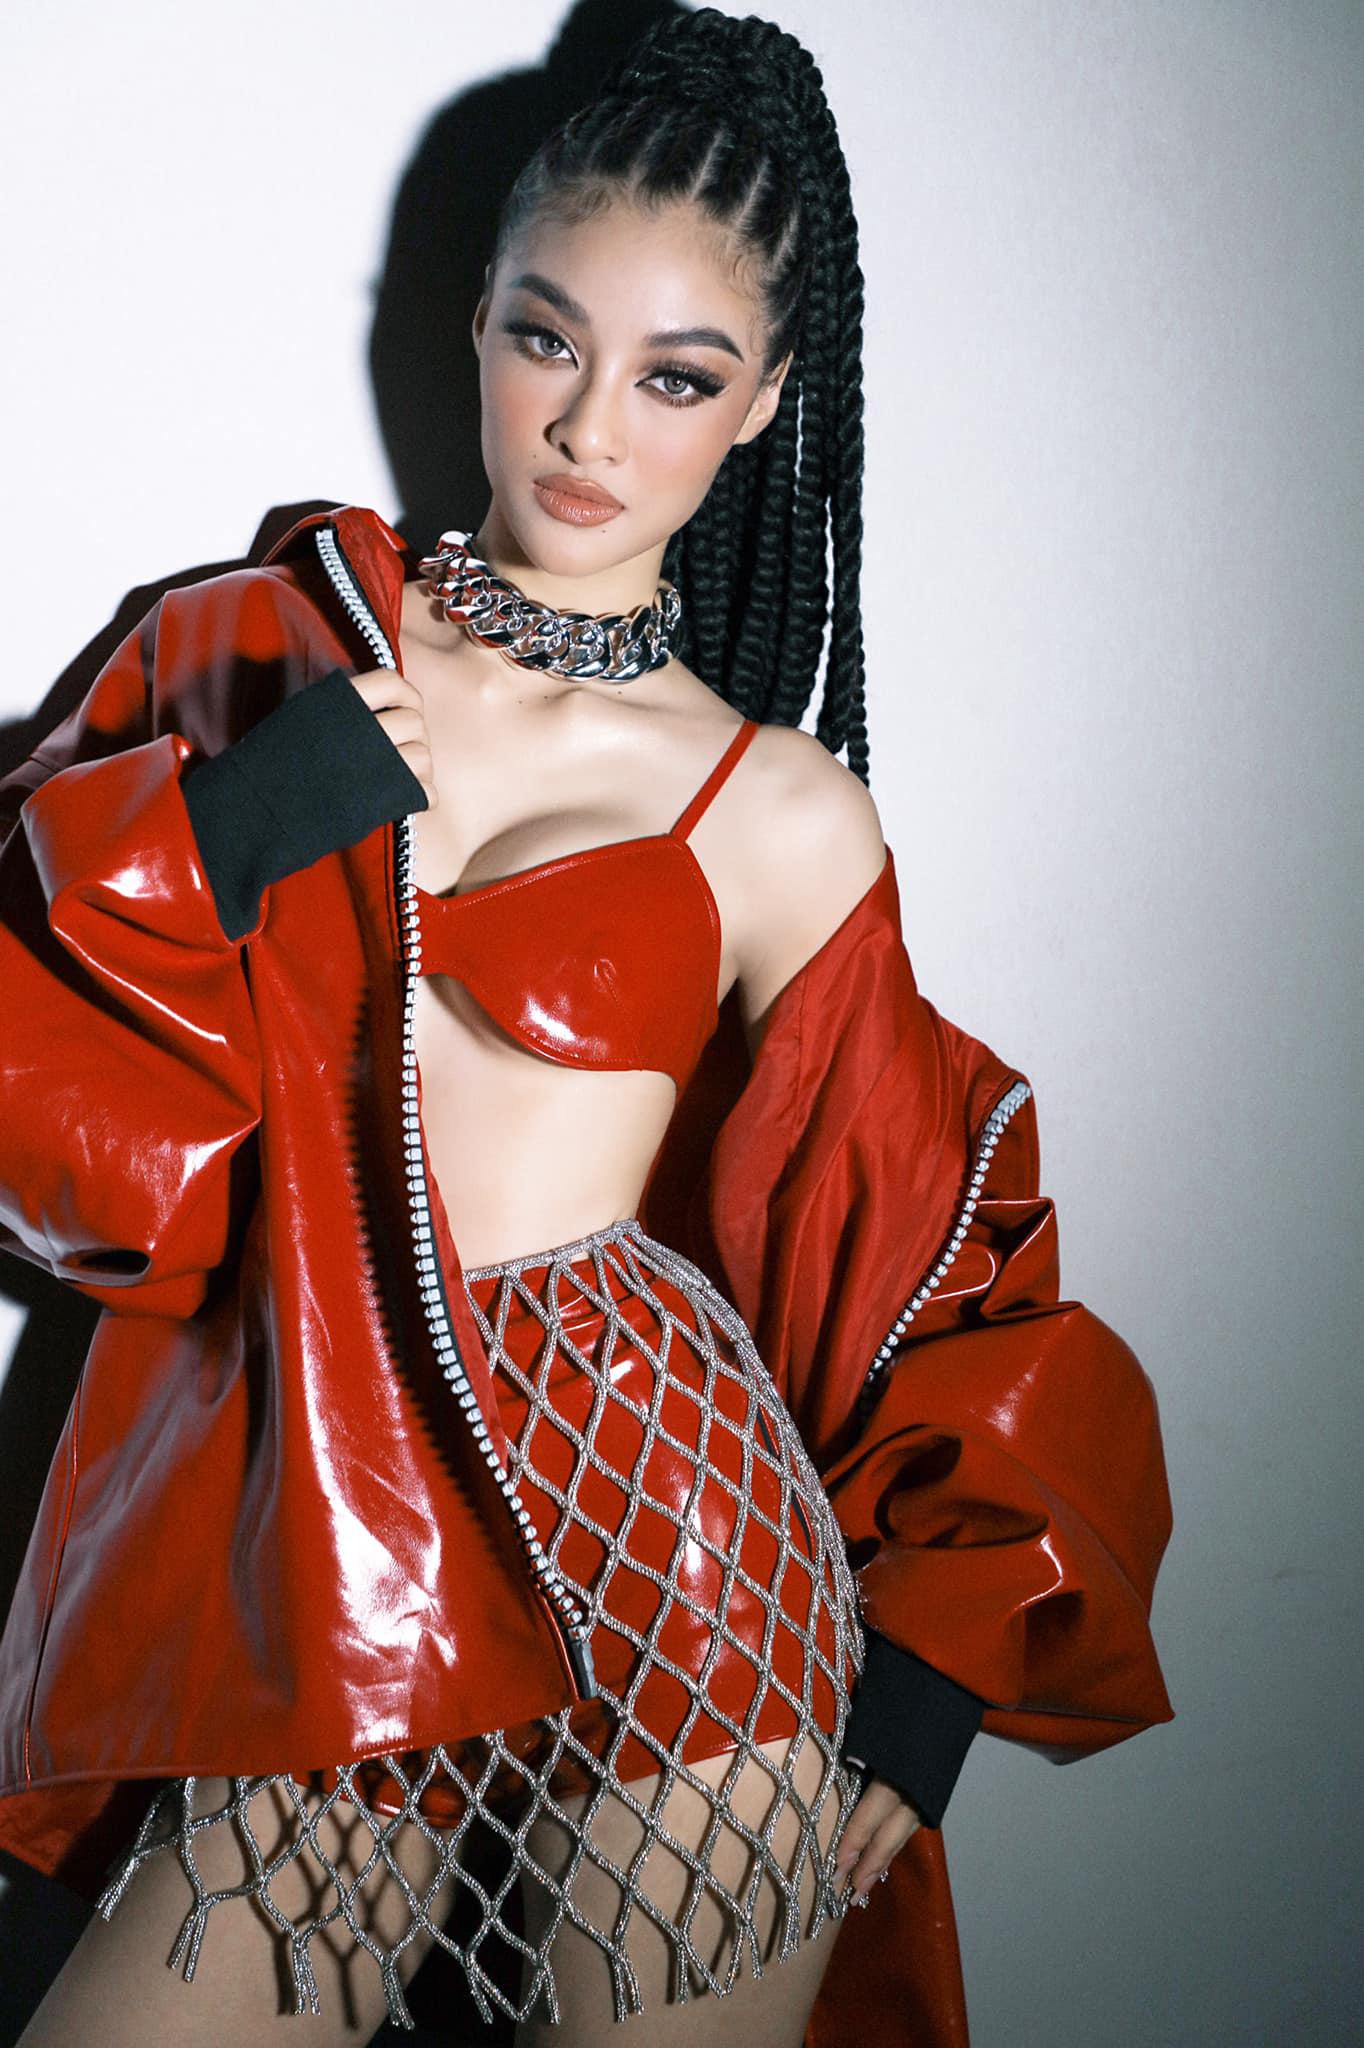 Vũ trụ hoa hậu hội tụ cùng dàn sao khủng trong đại nhạc hội Đảo Ngọc Tuần Châu - Ảnh 5.